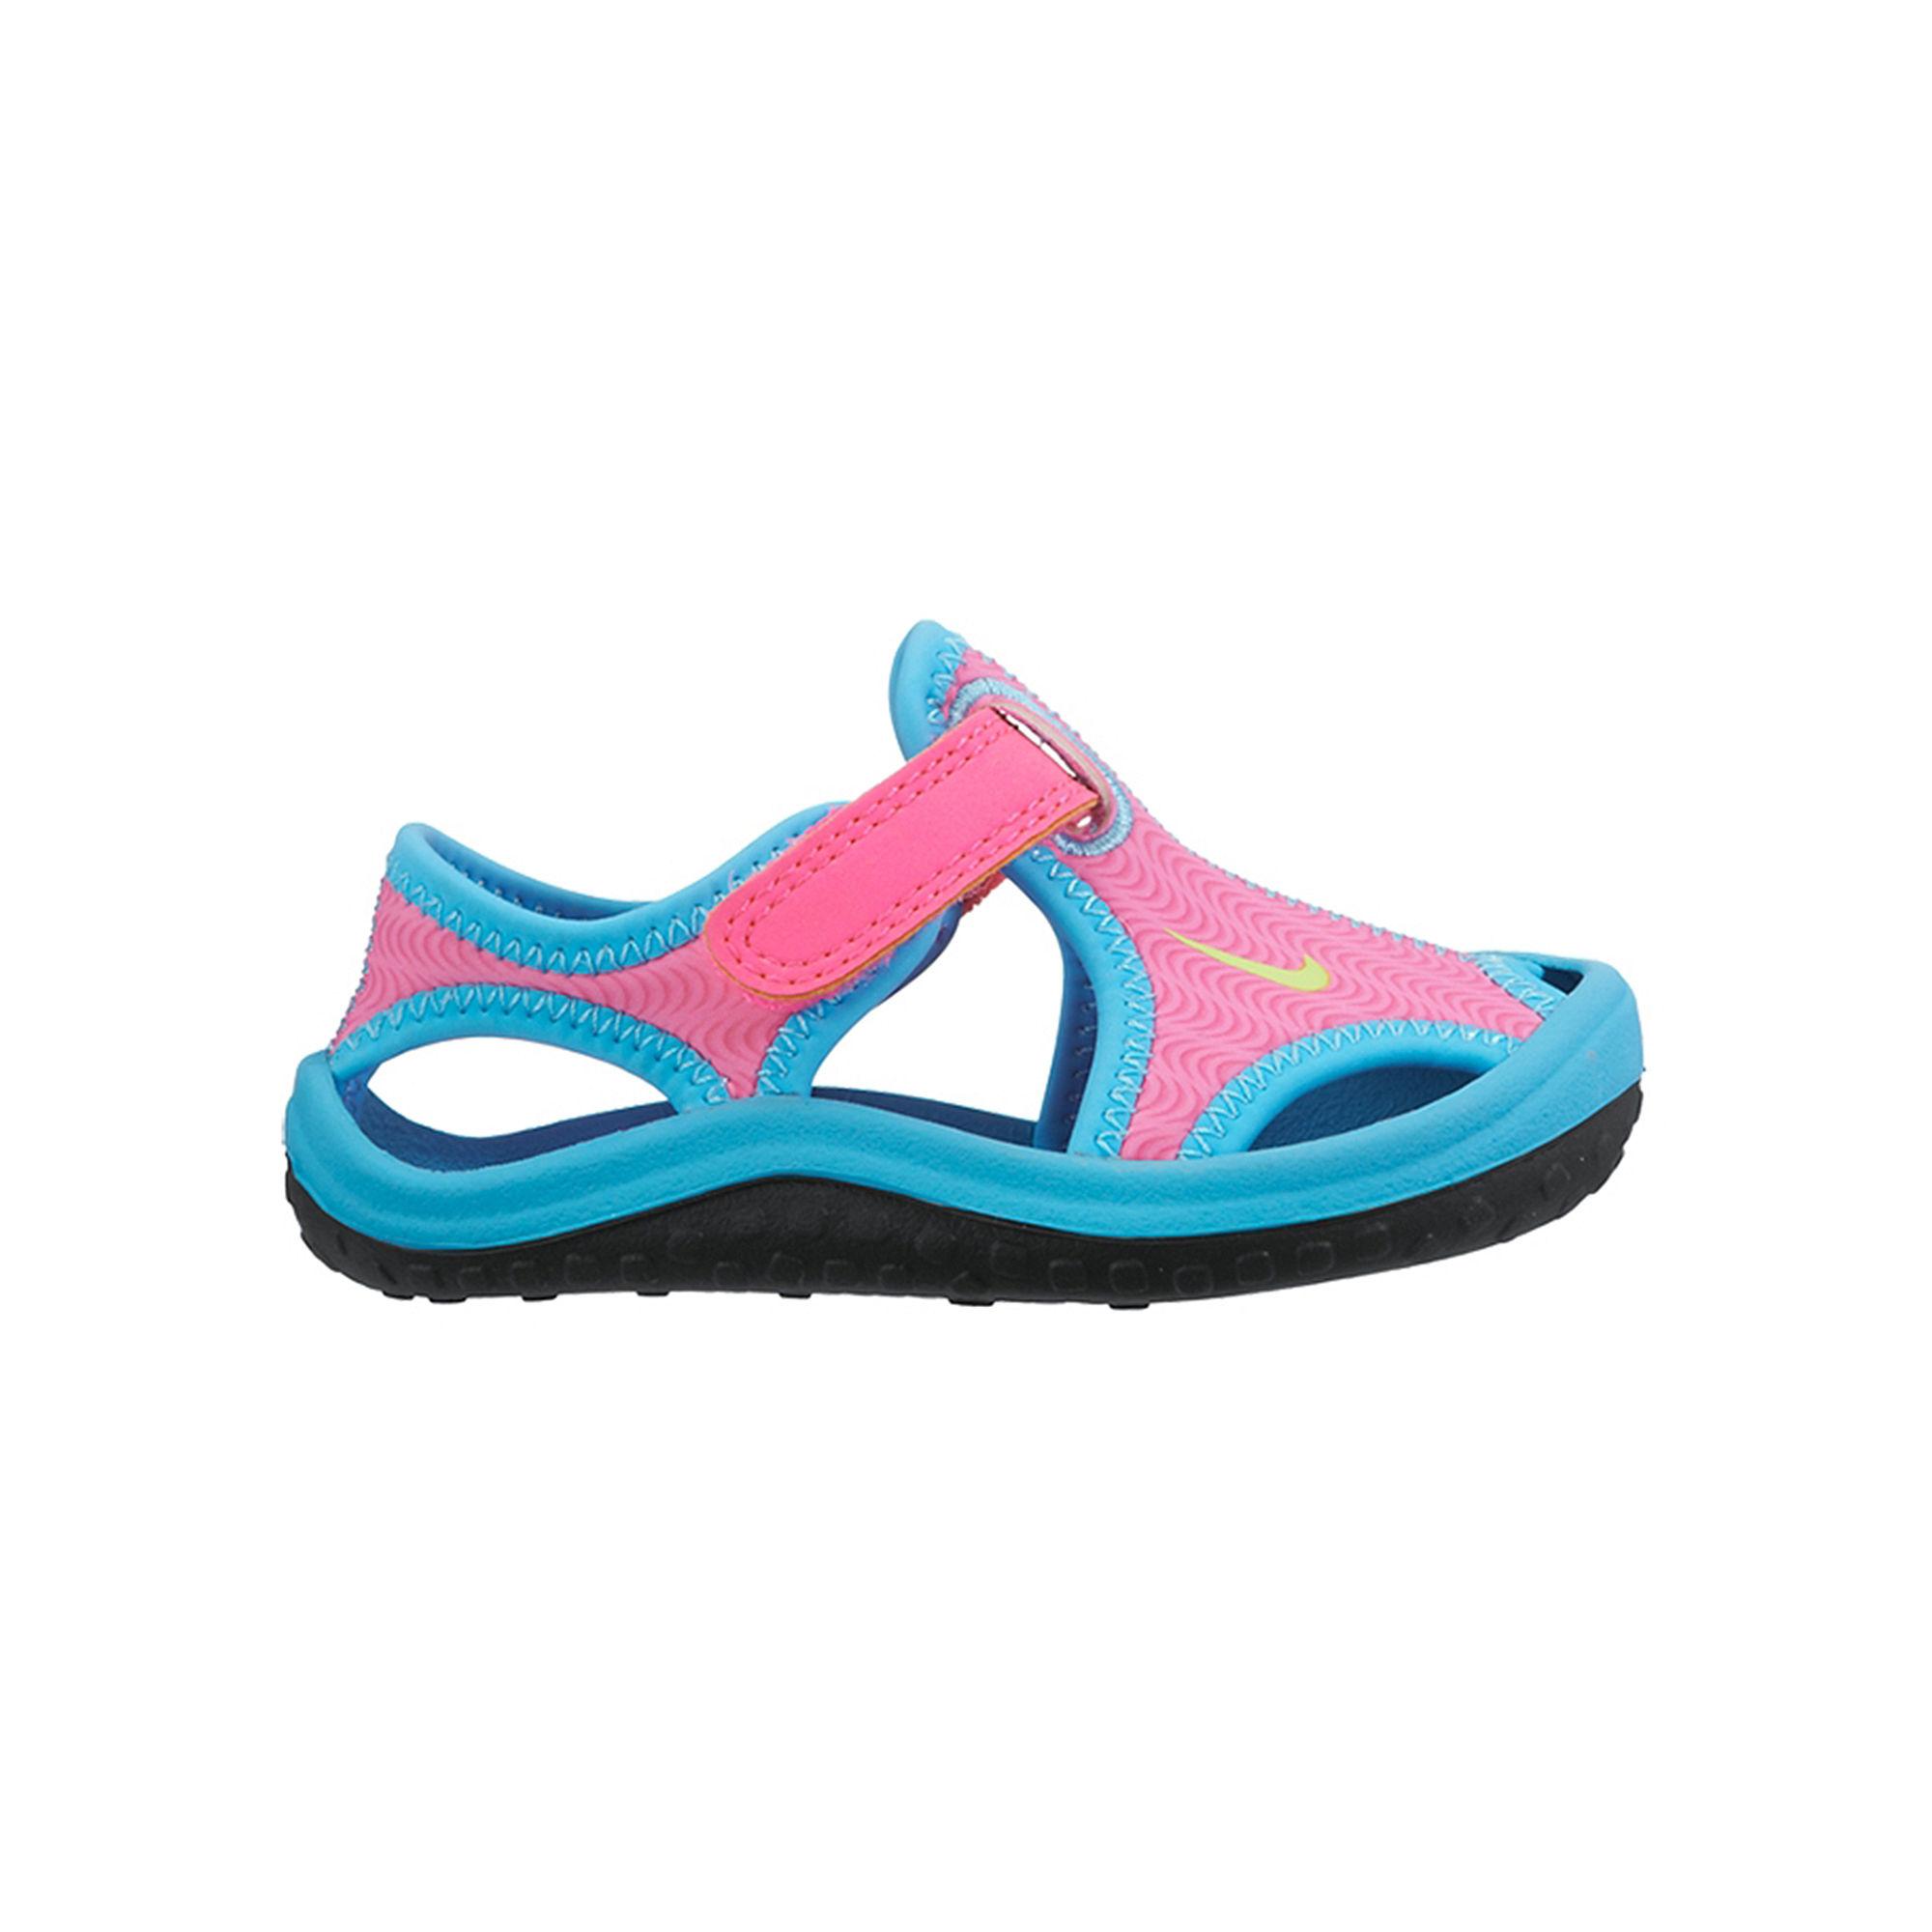 Upc 886550527477 Nike Sunray Protect Girls Athletic